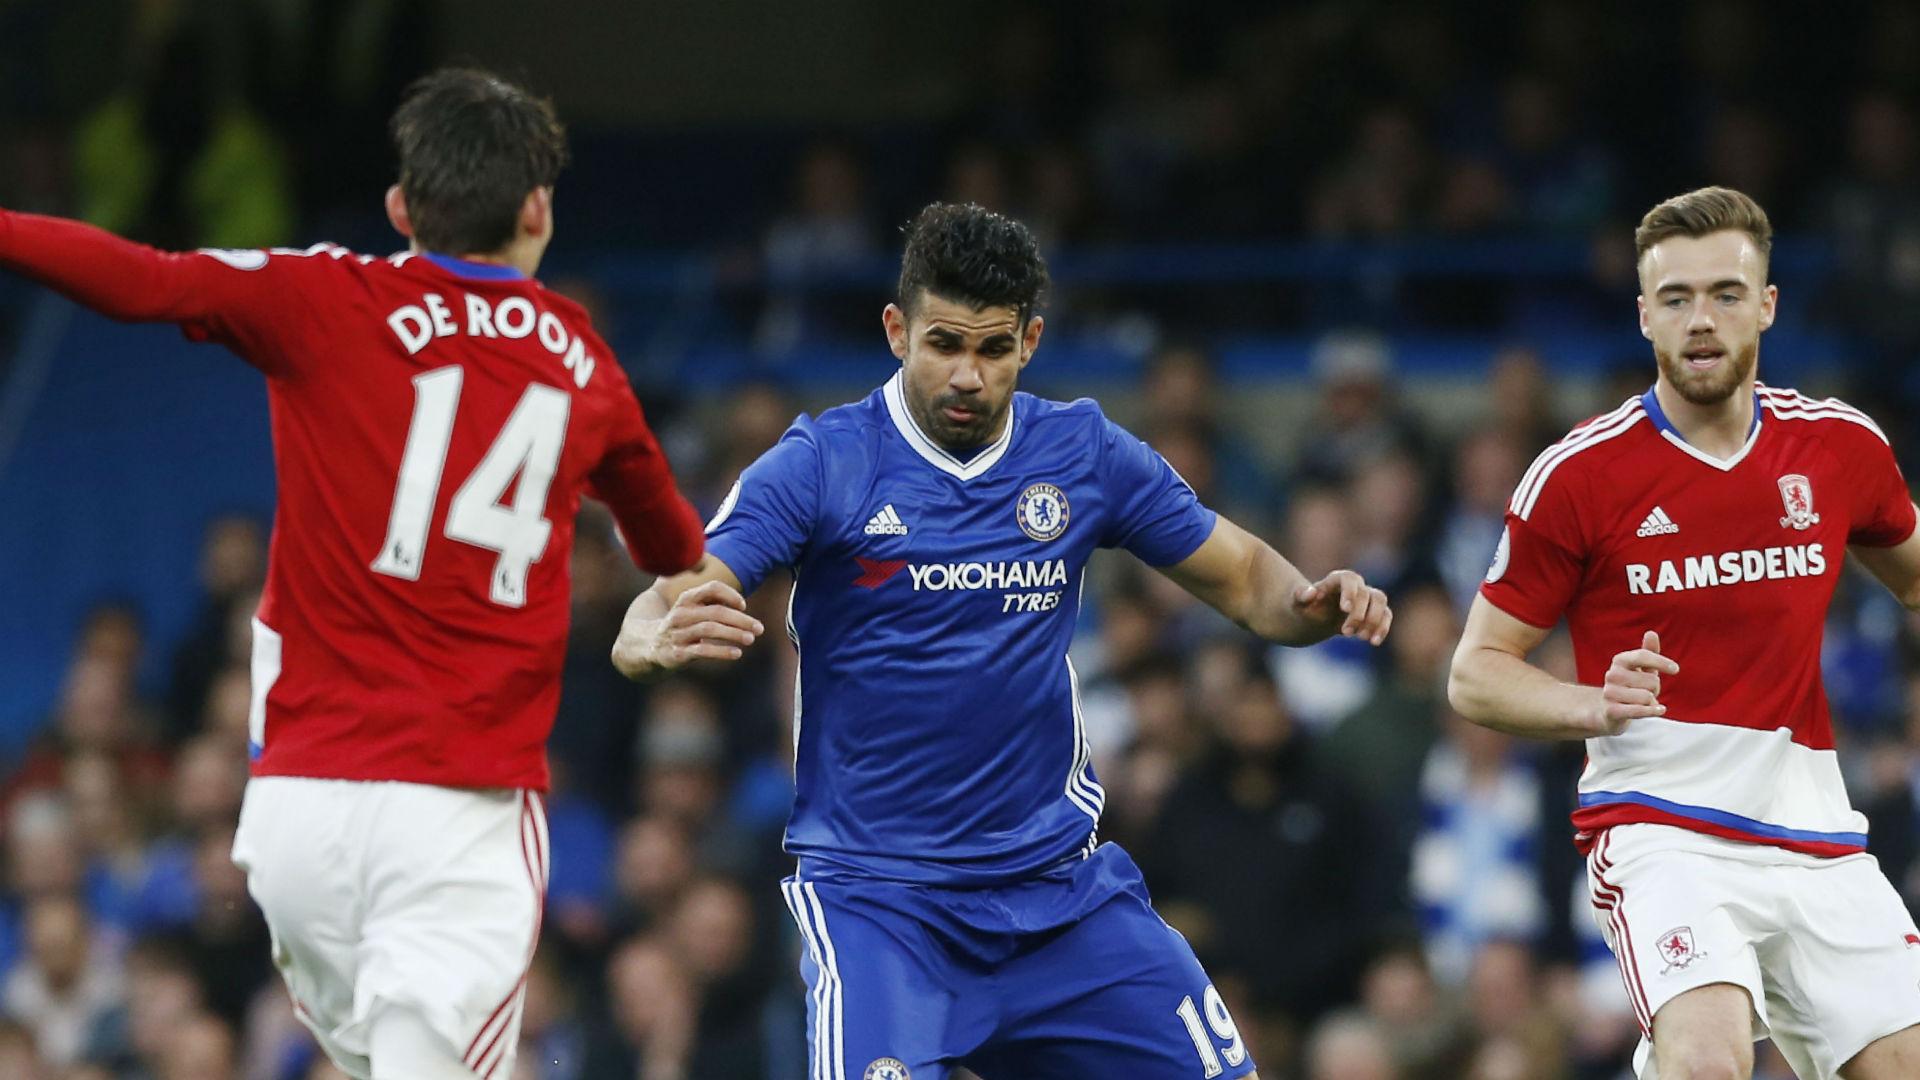 Conte, titolo sempre più vicino: Middlesbrough battuto 3-0